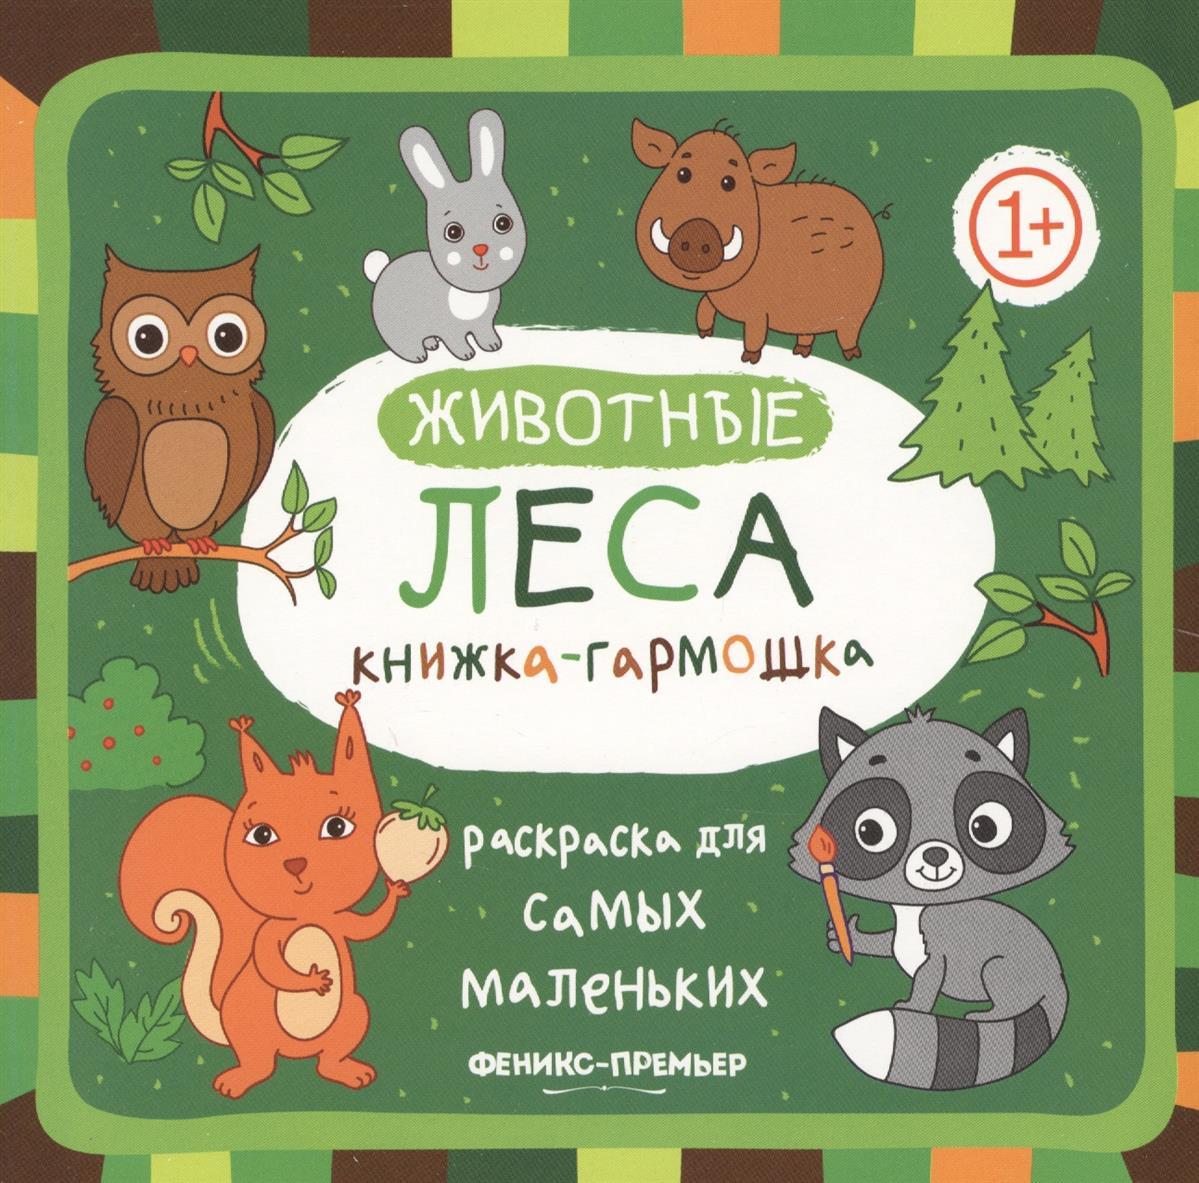 Костомарова Е. (отв.ред.) Раскраска для самых маленьких. Животные леса. Книжка-гарможка шилова е беби йога и массаж для самых маленьких